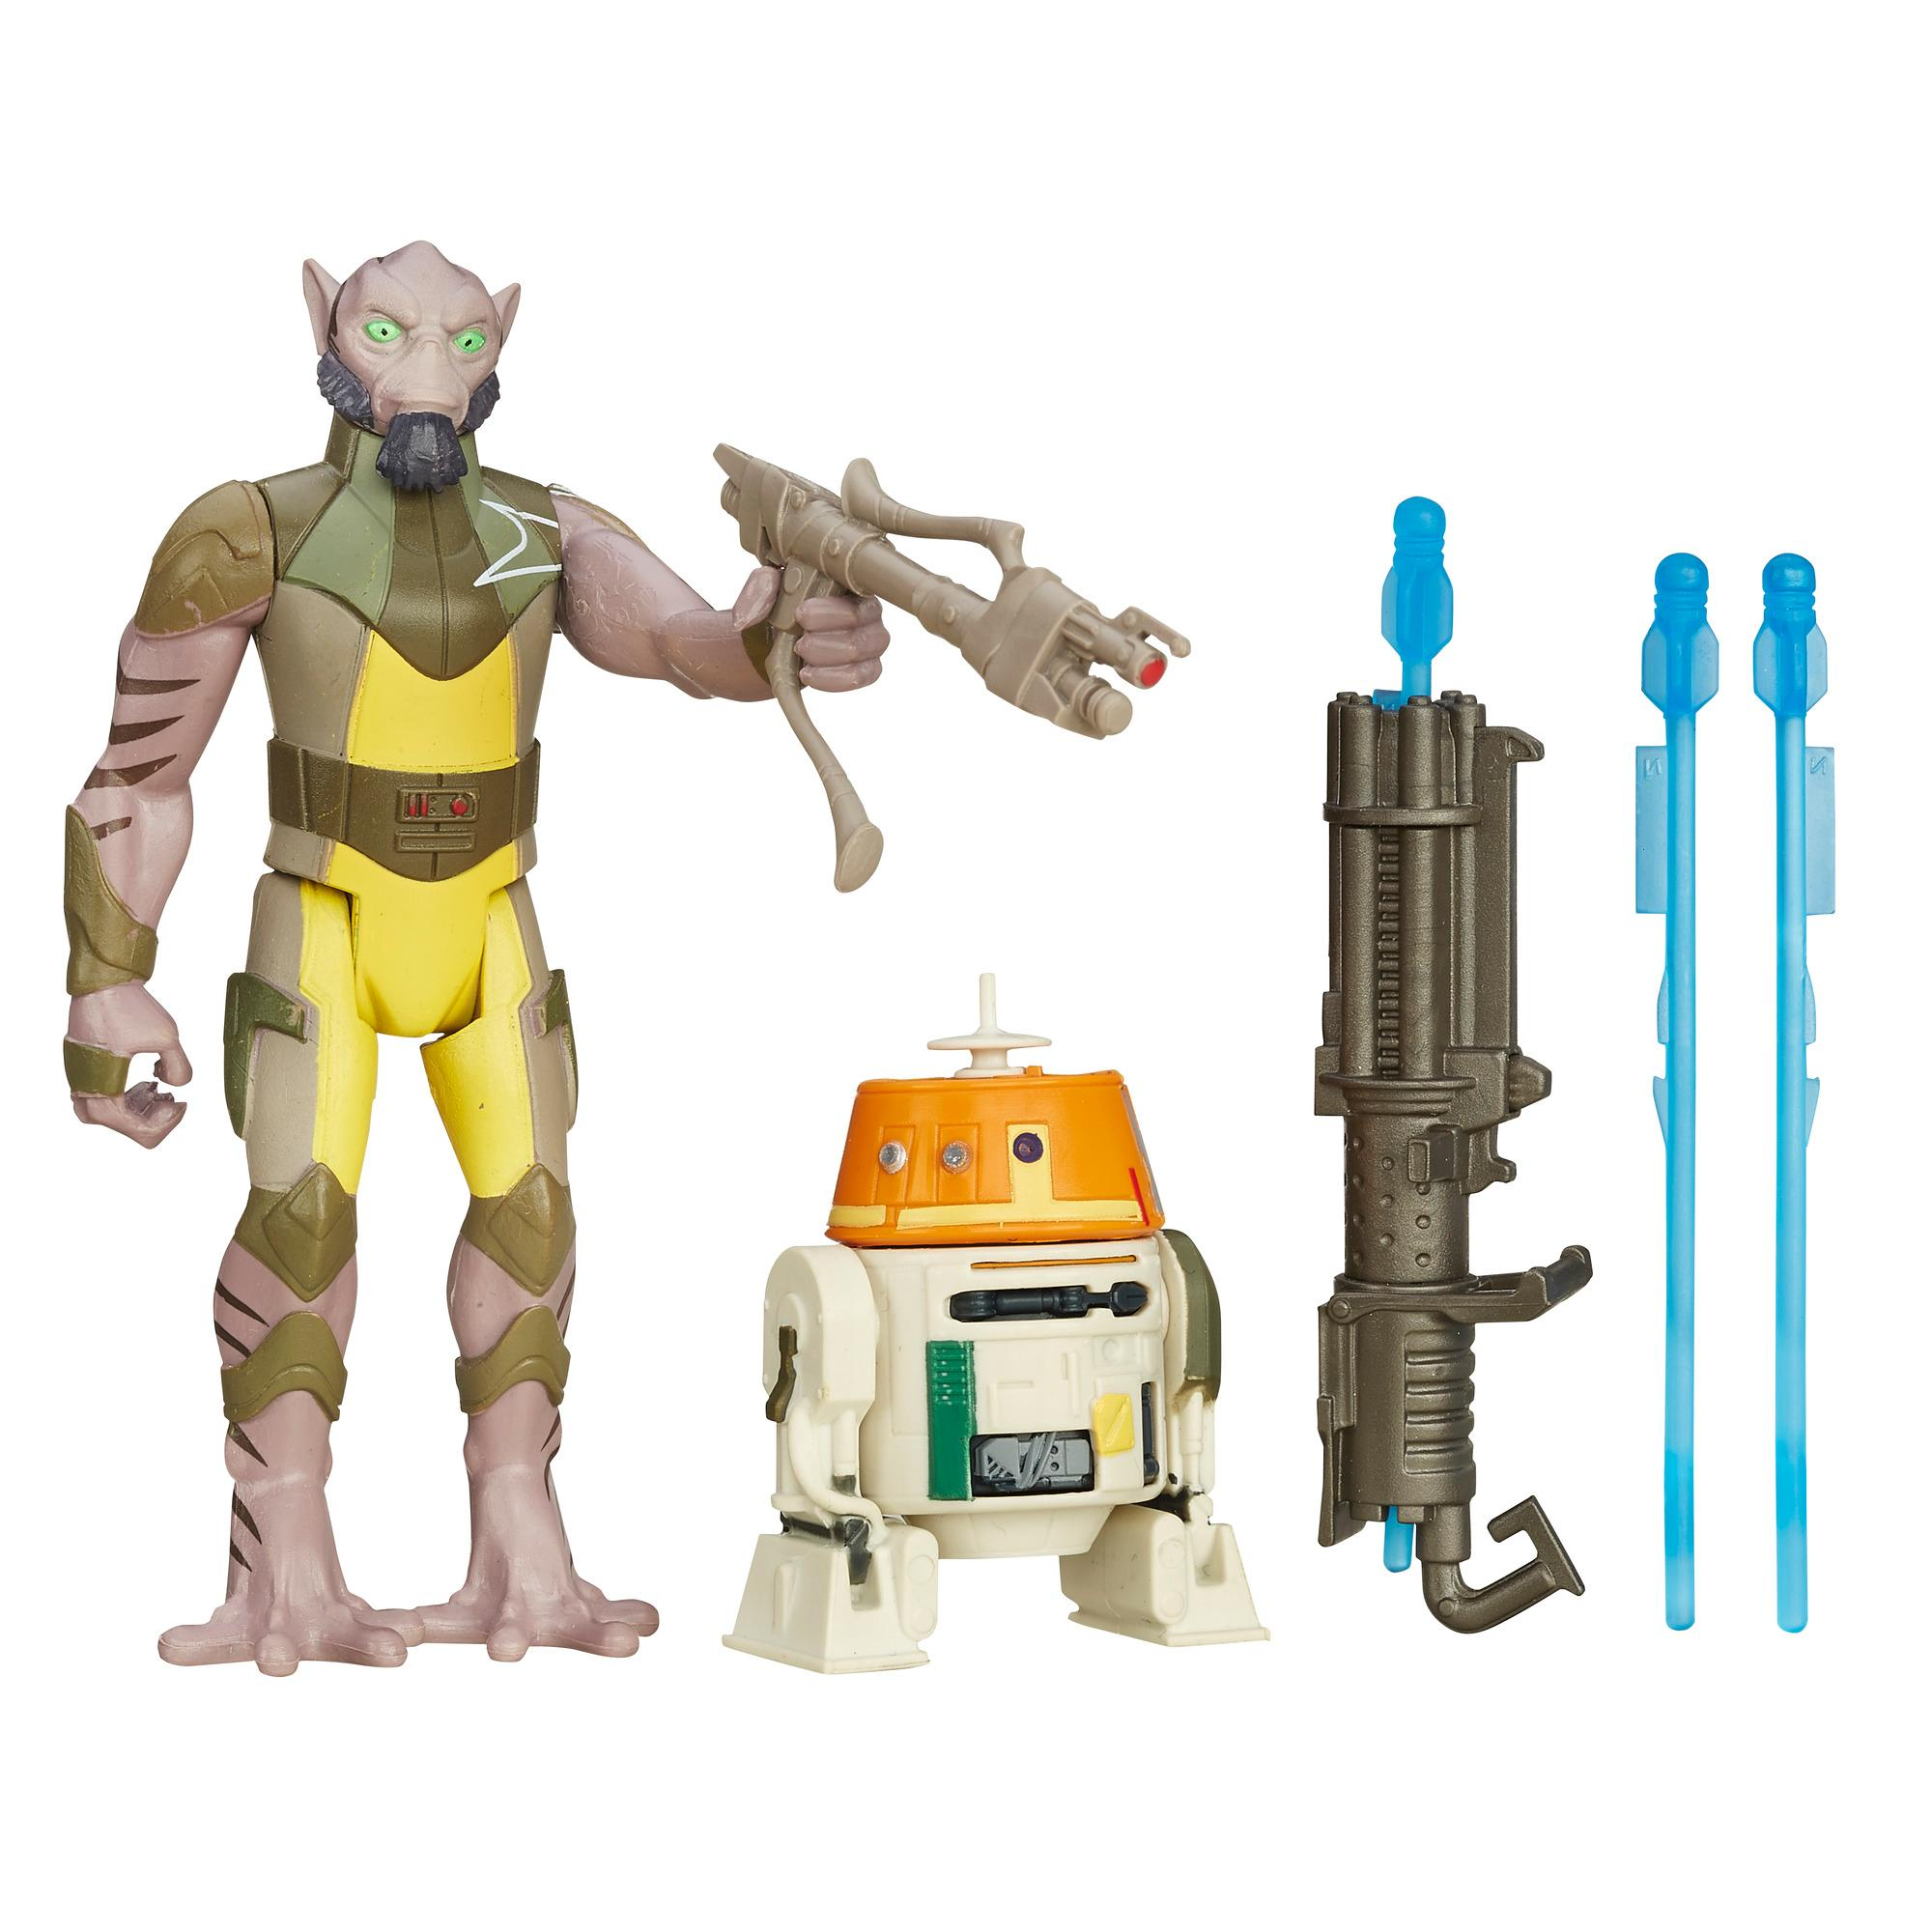 Star Wars Rebels - Kit Missão na Floresta com 2-Figuras de 9,5 cm: Garazeb Orrelios e C1-10P